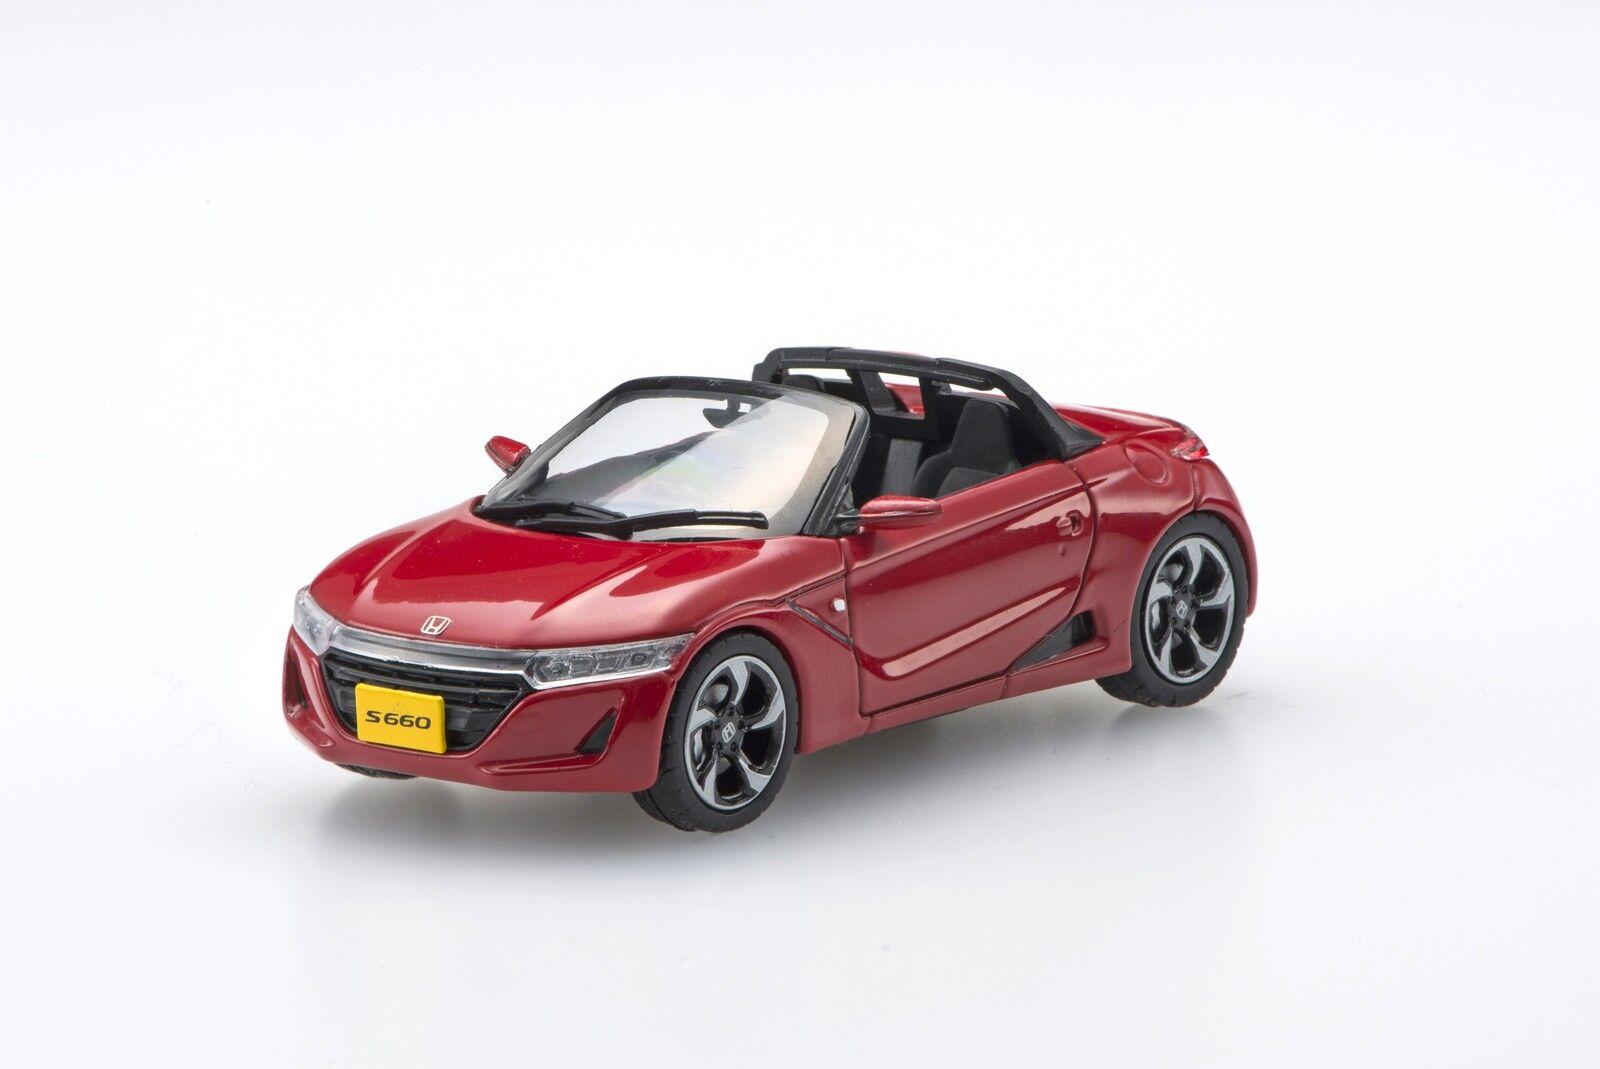 mejor precio Ebbro 45359 1 1 1 43 Honda S660 Rojo  comprar nuevo barato